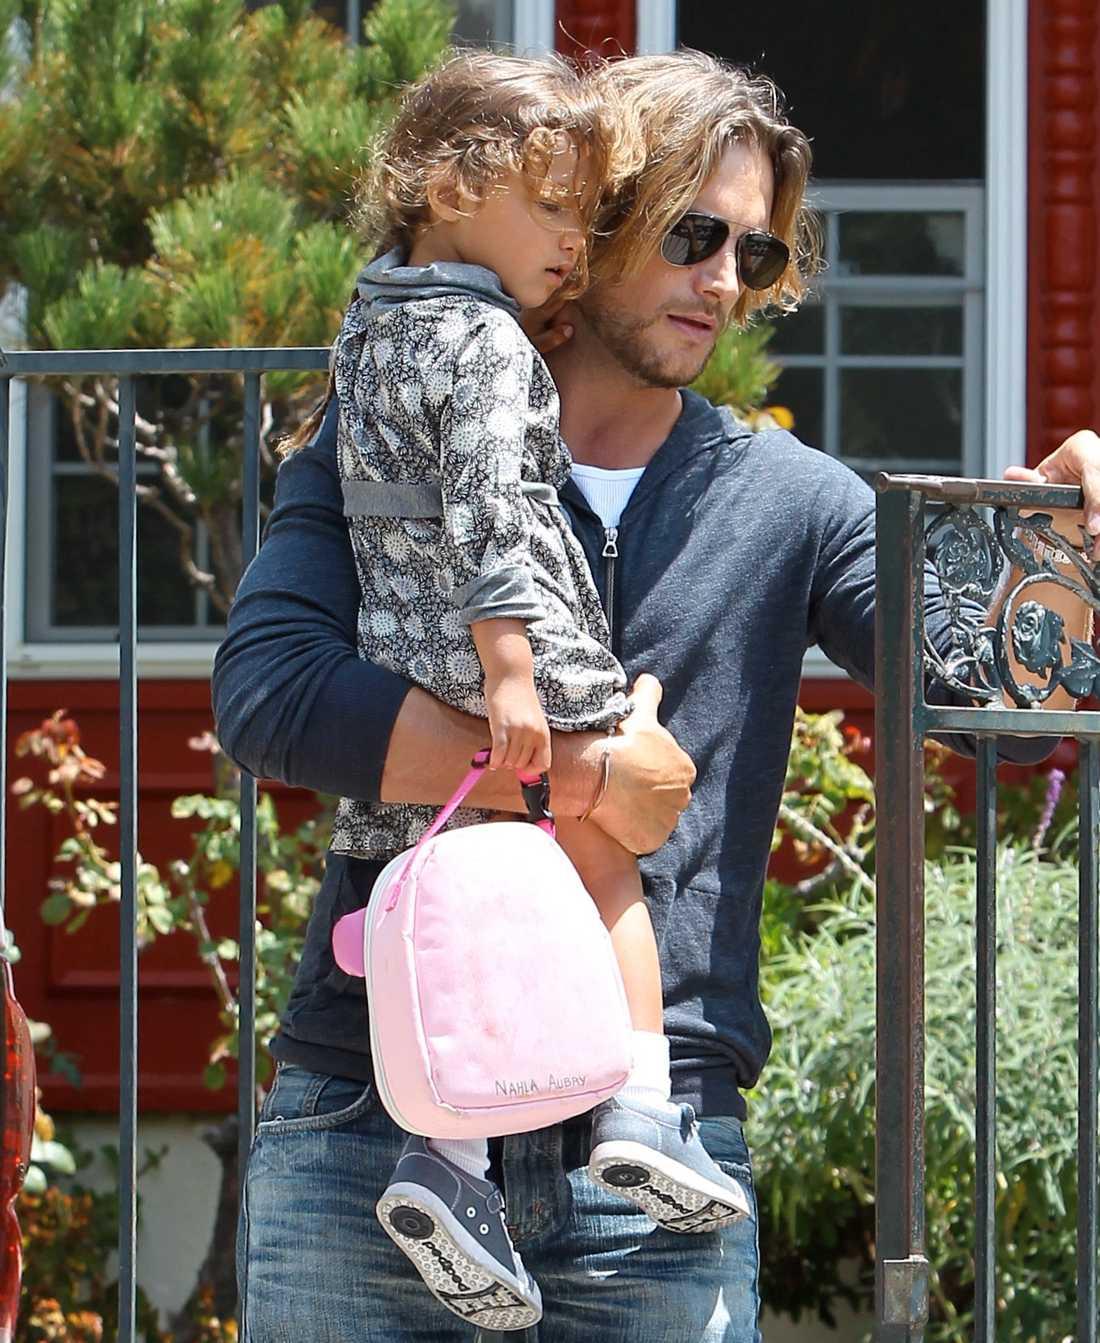 Gabriel Aubrey hämtar upp sin och Halle Berrys gemensamma dotter Nahla från skolan.